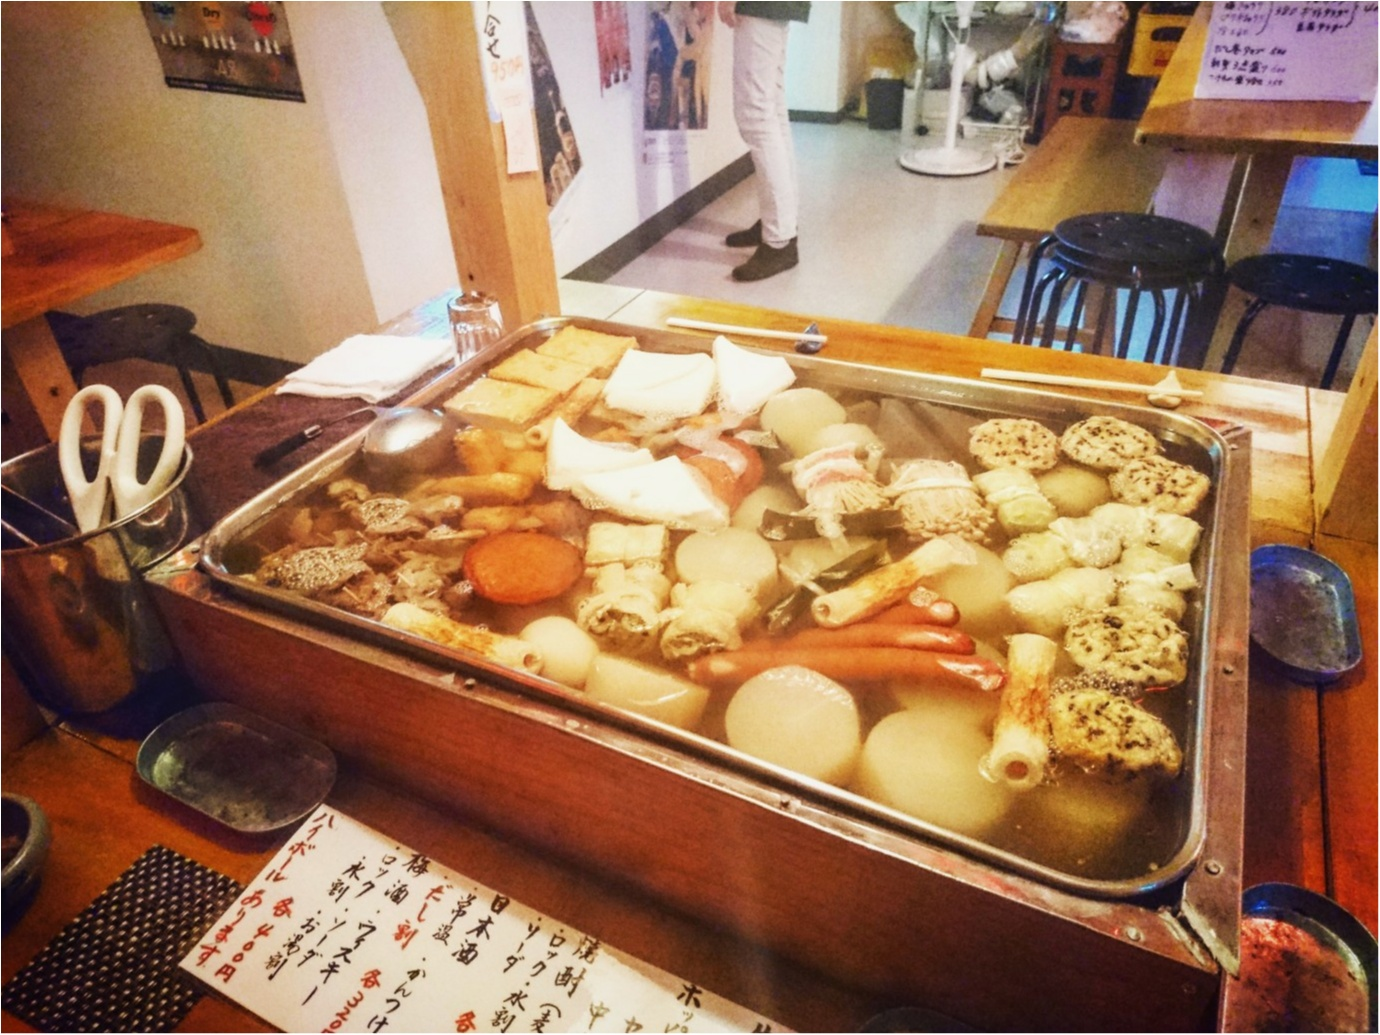 【グルメ】おでんの屋台がお店の中に ♪ これからの季節、寒い日にはぴったり!東京神田『おでん屋台村』_2